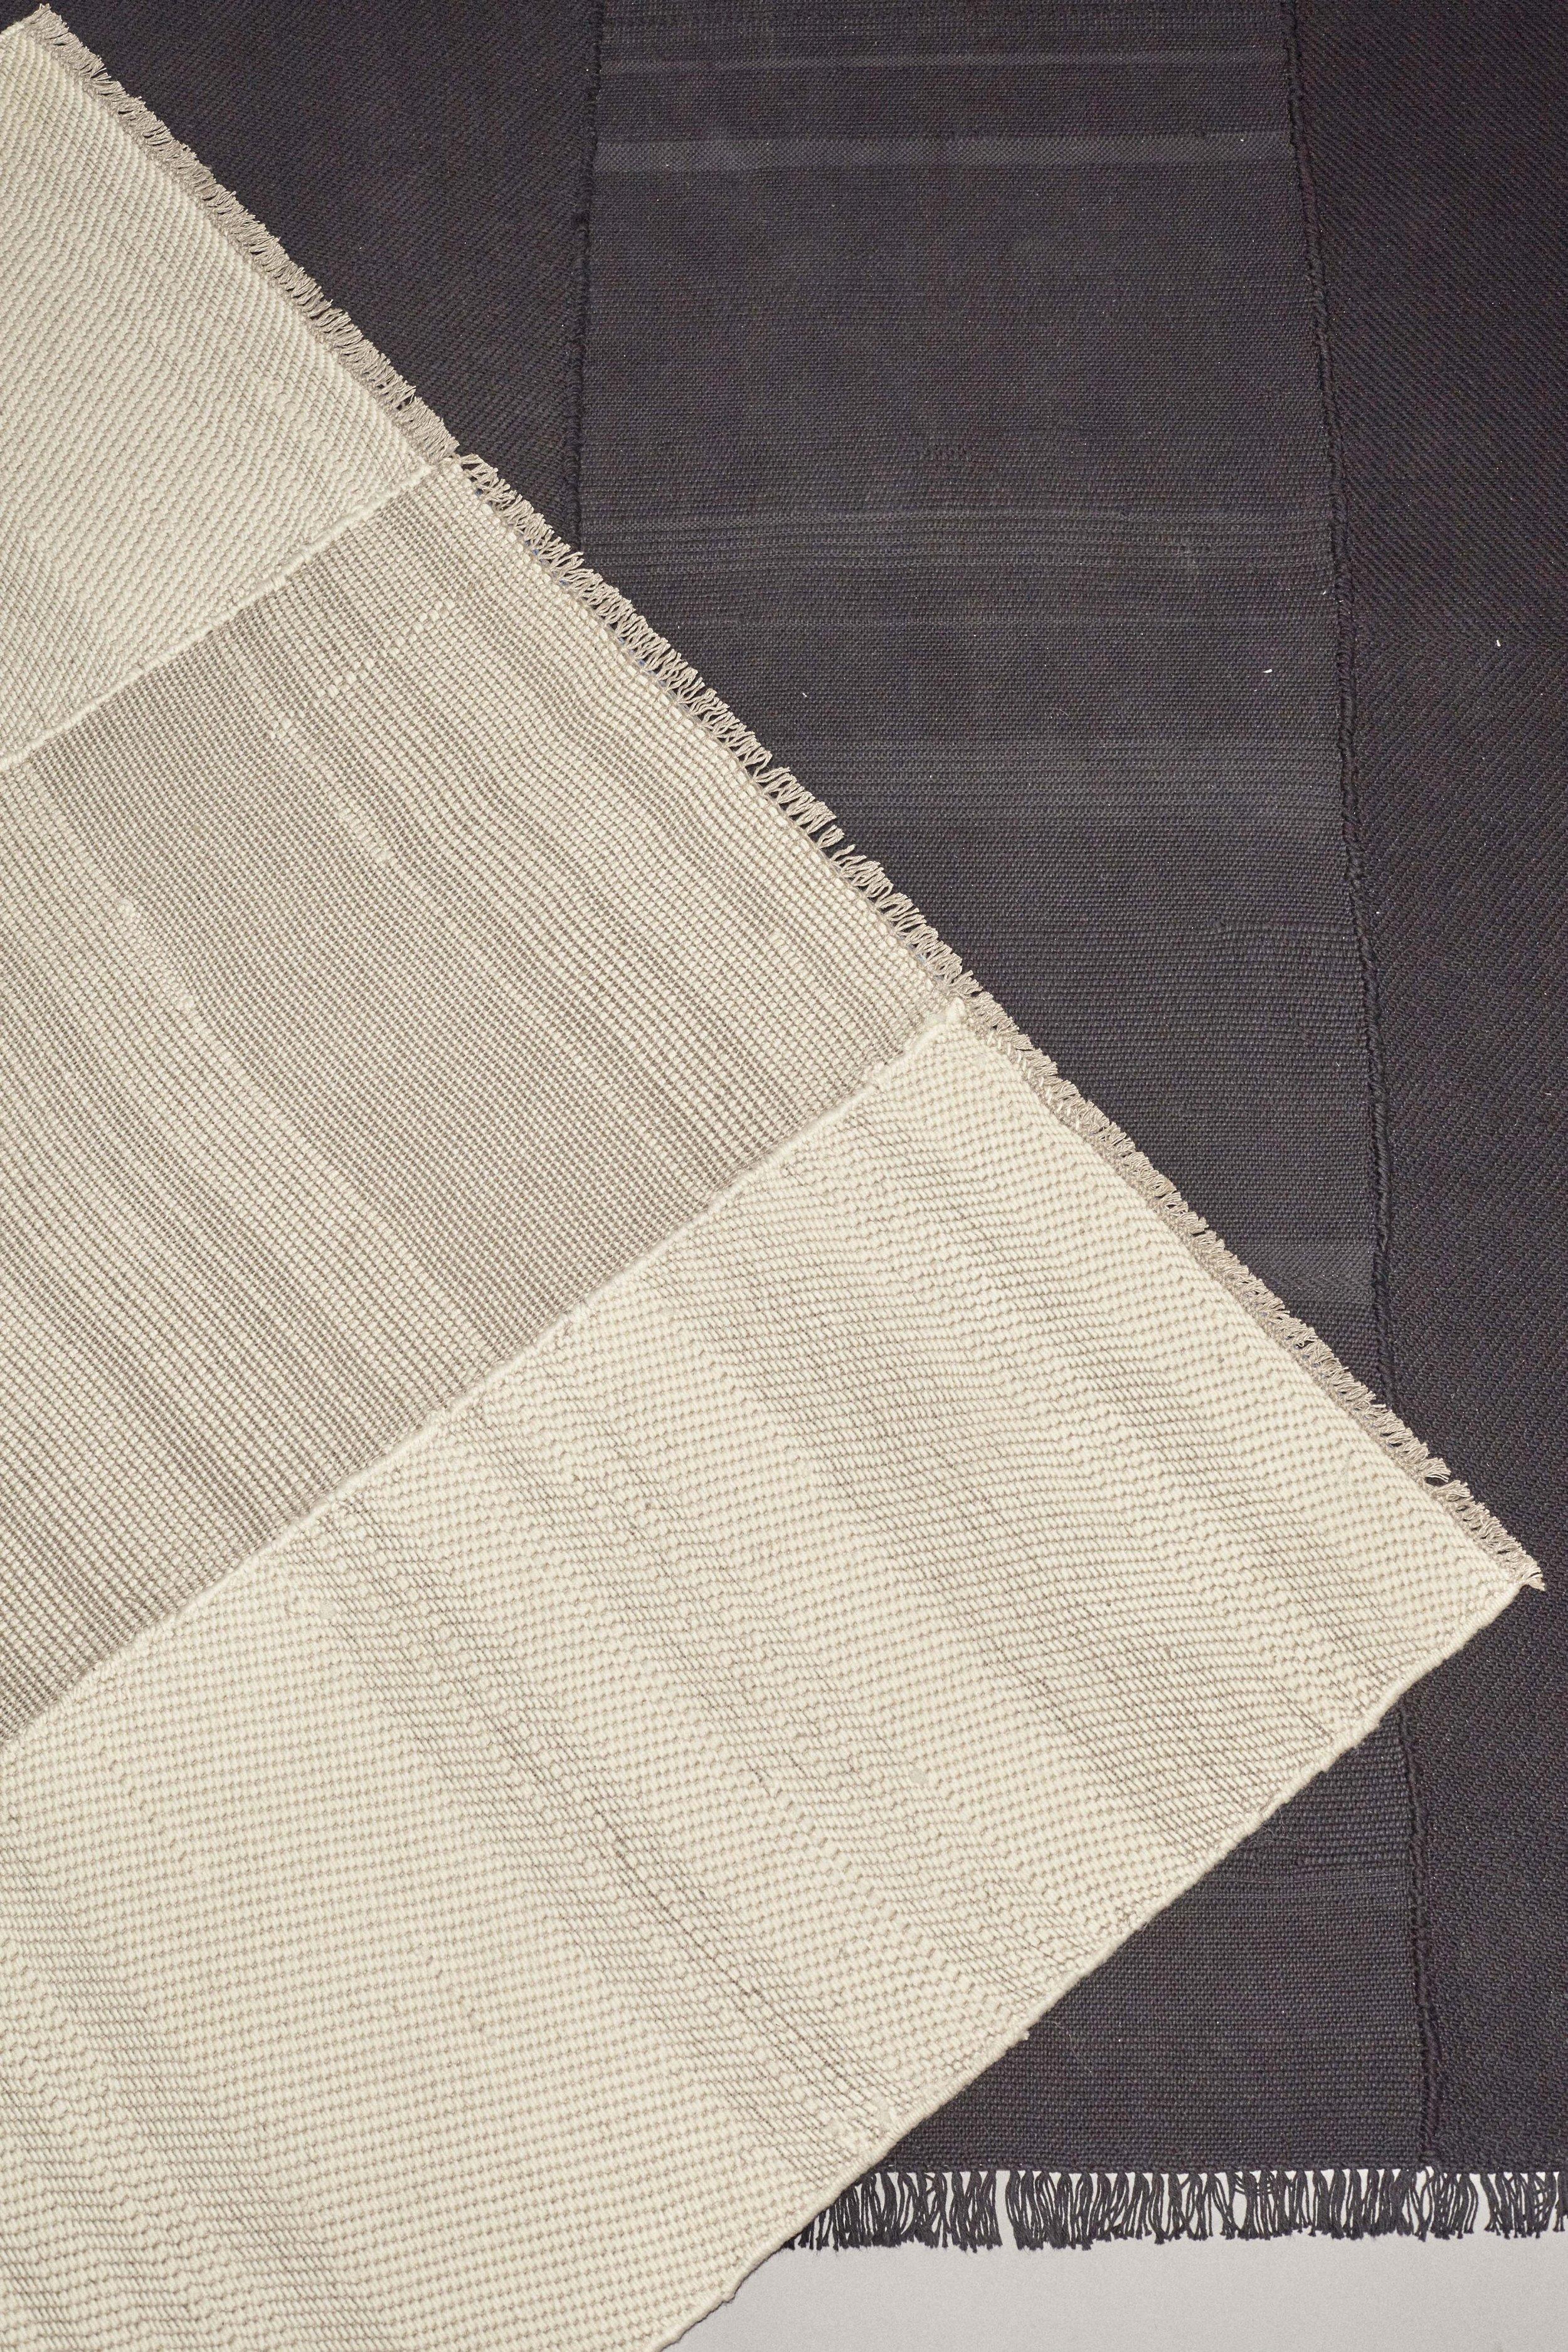 Whipstitch Rug - Textiles